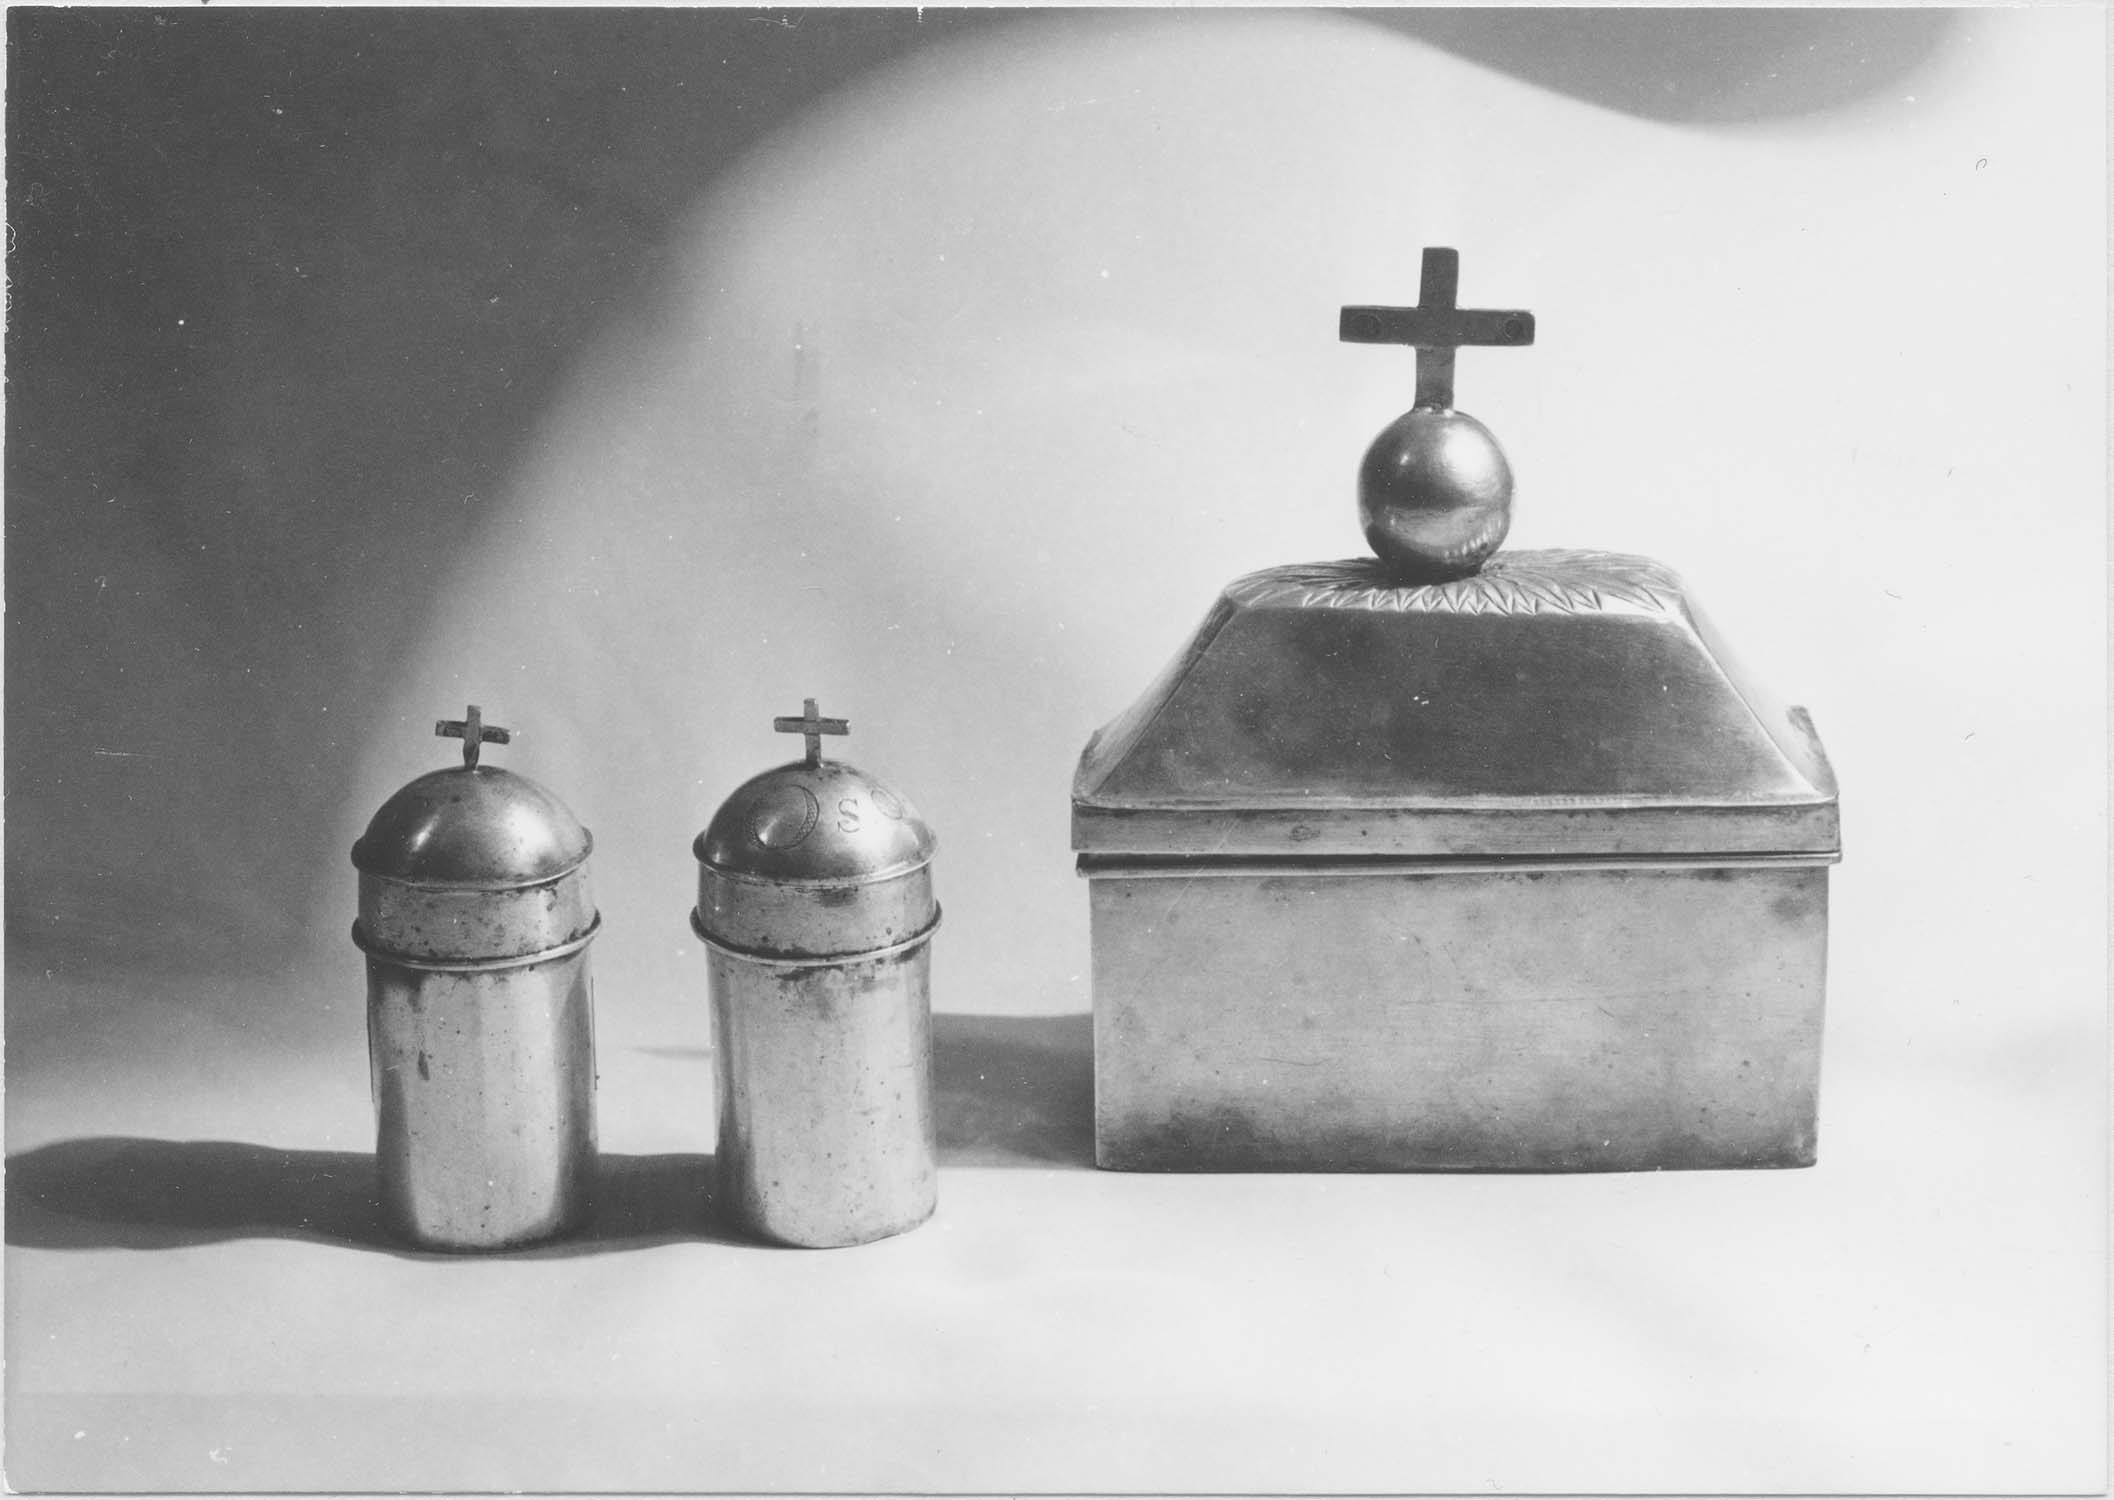 ampoules aux saintes huiles (chrémeaux), coffret aux saintes huiles